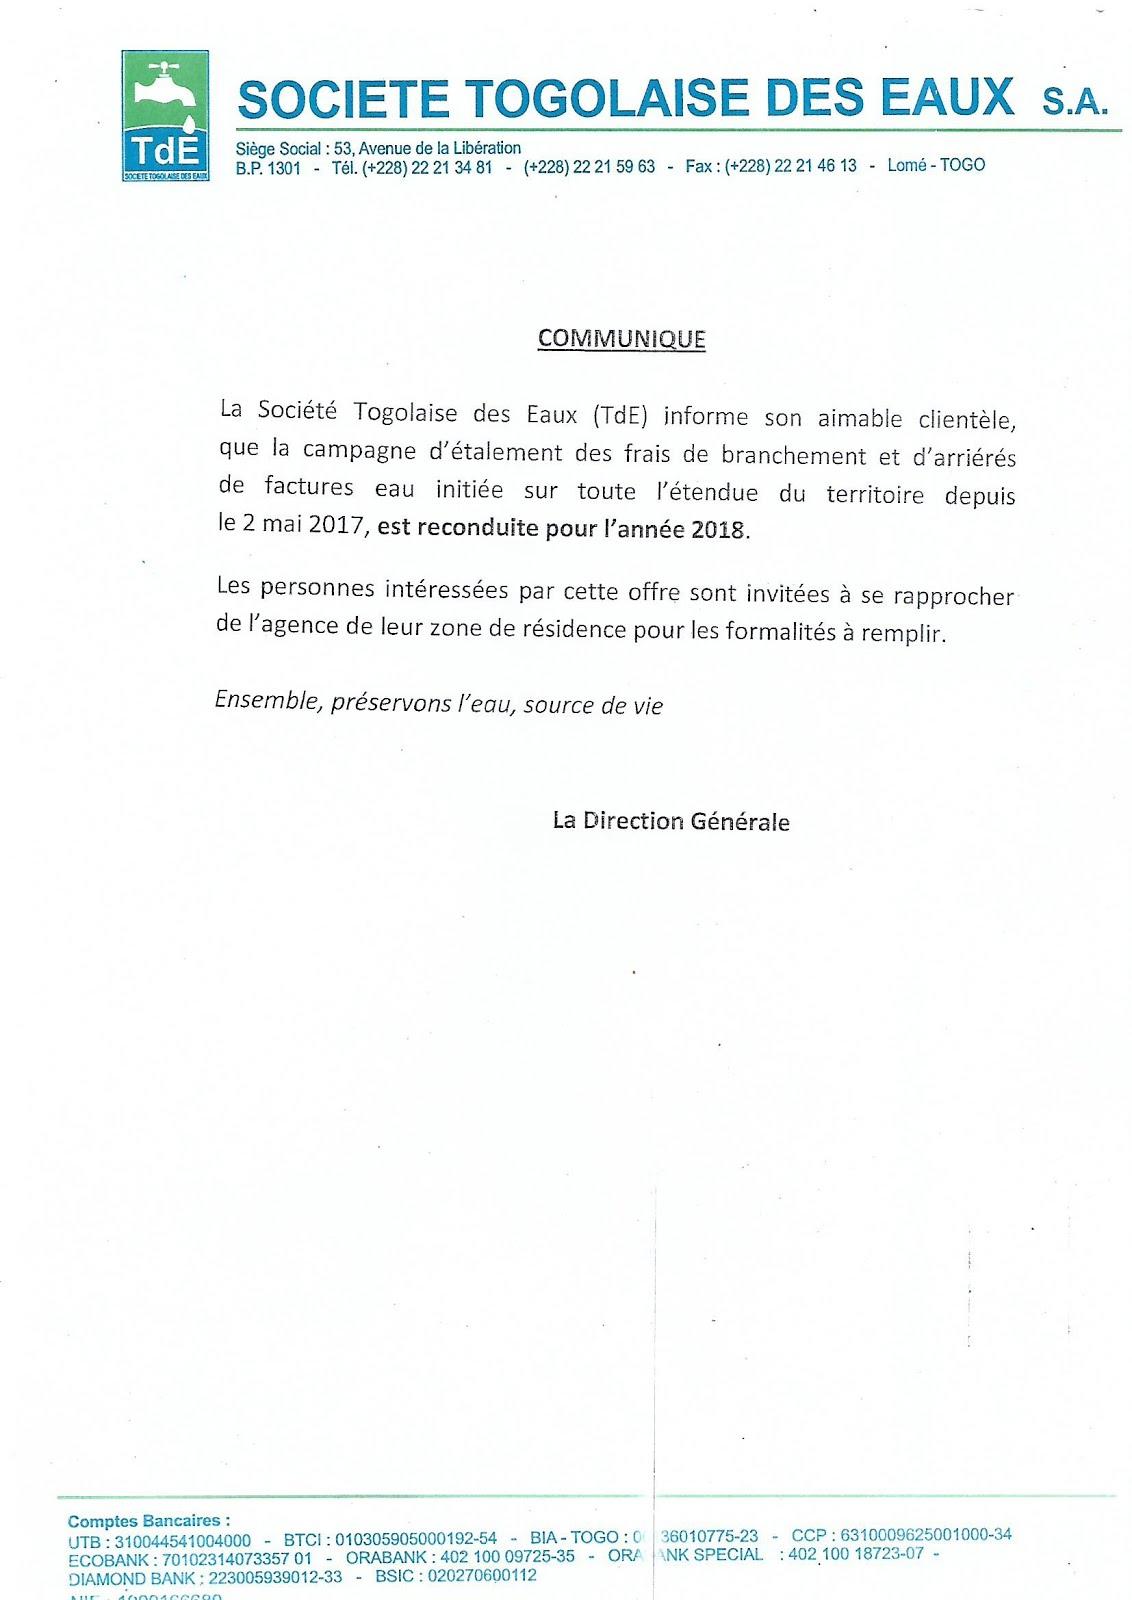 COMMUNIQUE - TDE